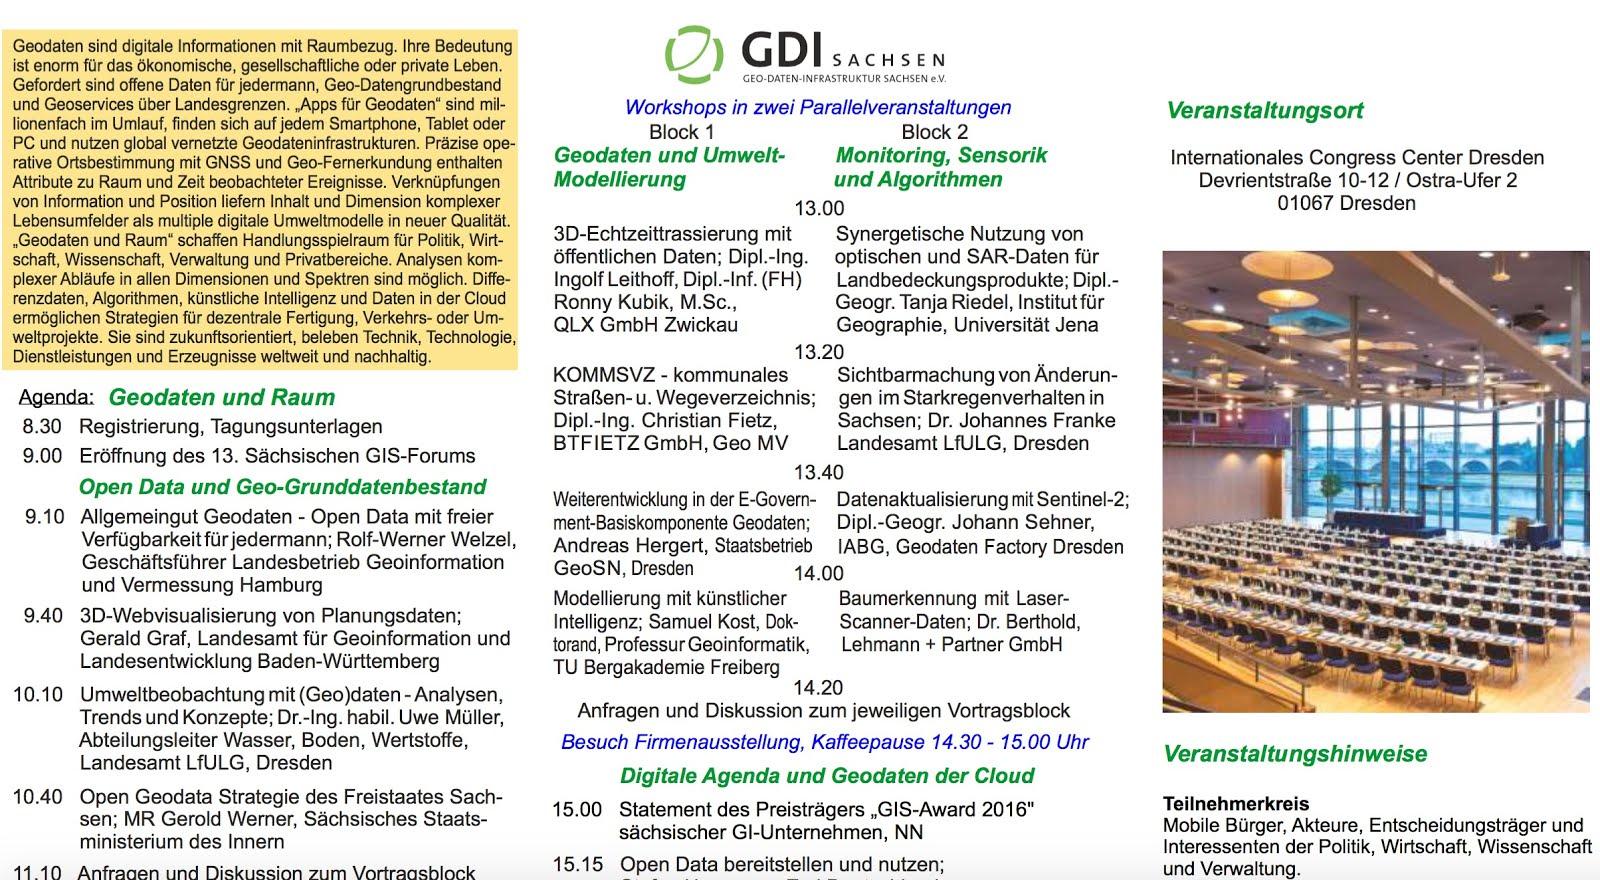 """13. Sächsisches GIS-Forum des GDI Sachsen e.V. mit Vortagesveranstaltung Technischer Workshop """"Apps"""